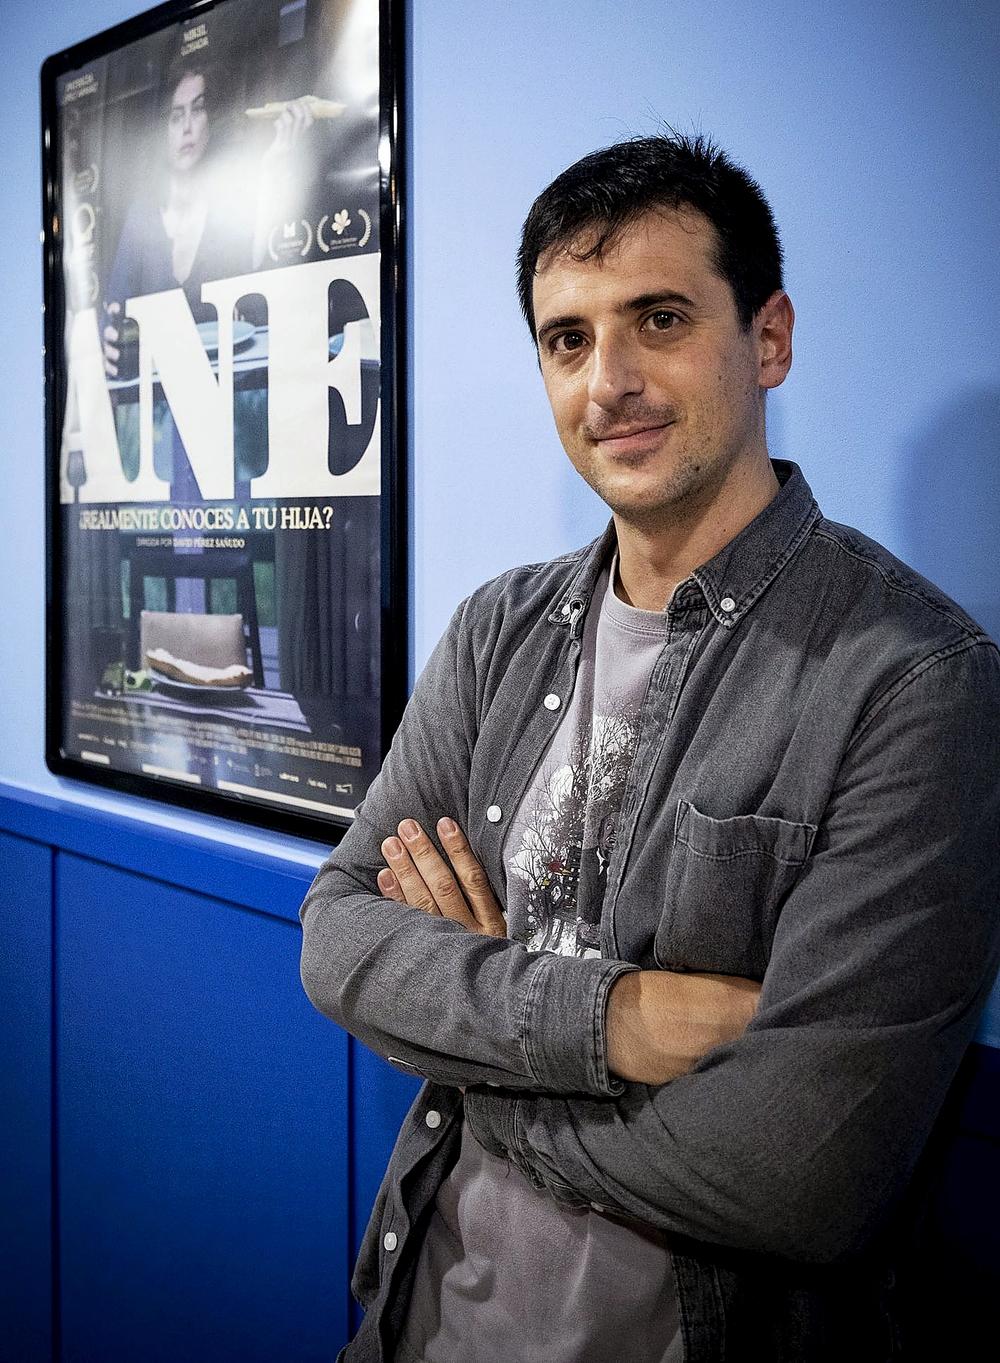 David Pérez Sañudo en los Van Golem de Burgos, en el estreno de 'Ane'.